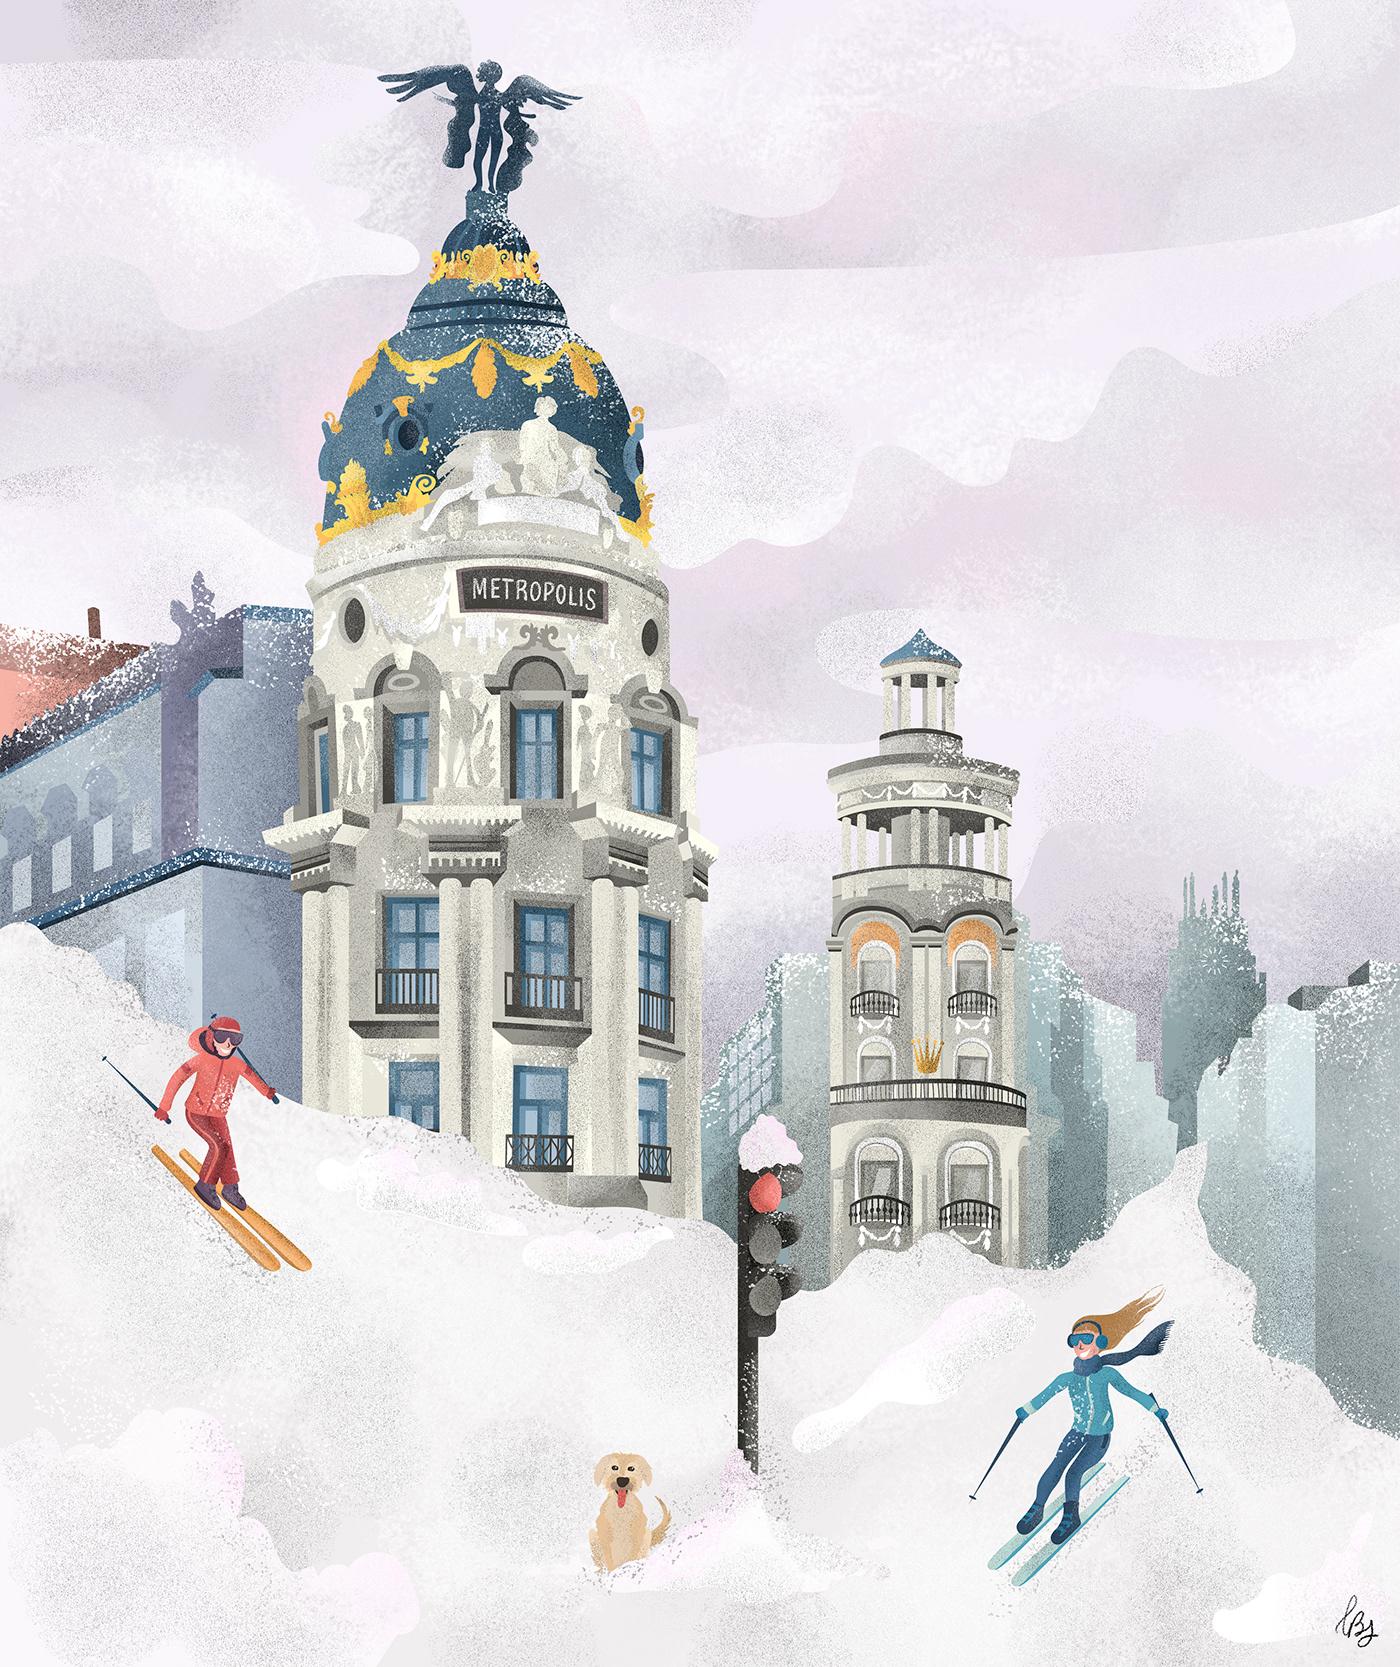 art direction  design dirección de arte graphic graphic design  ILLUSTRATION  ilustracion madrid madrid nevado